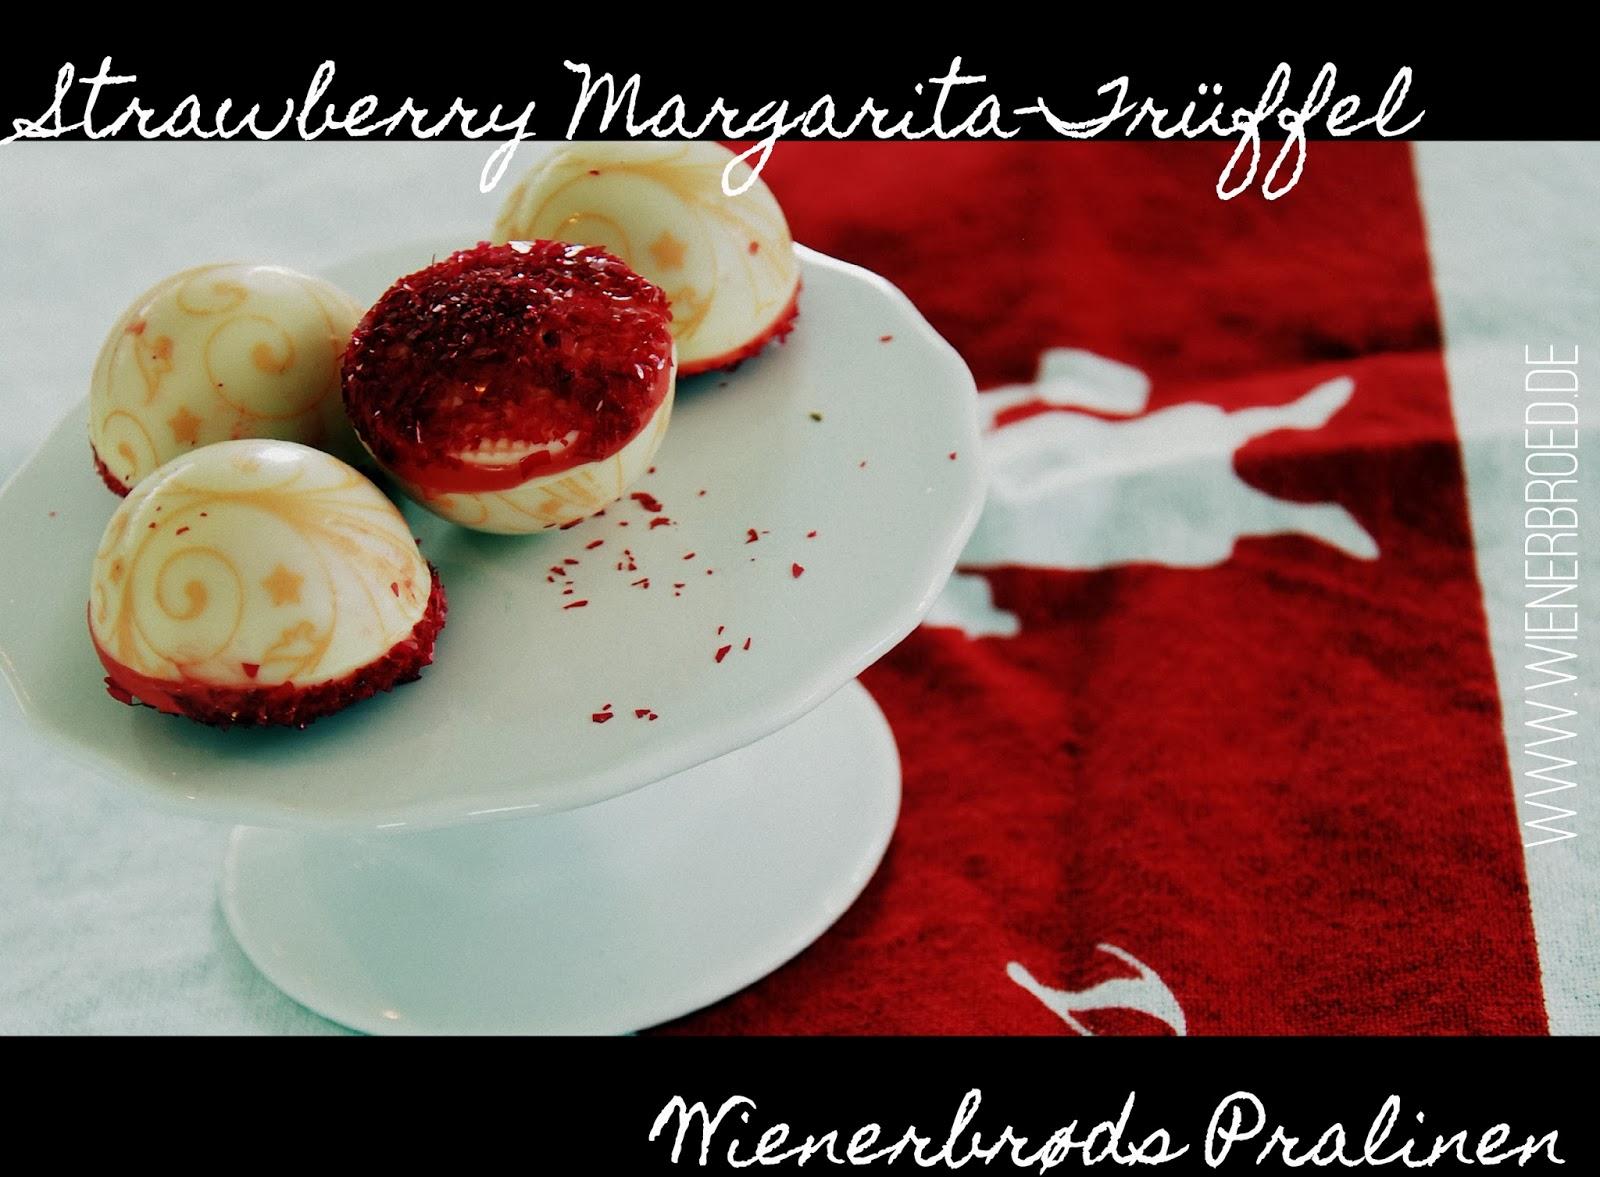 Strawberry Margarita Truffle